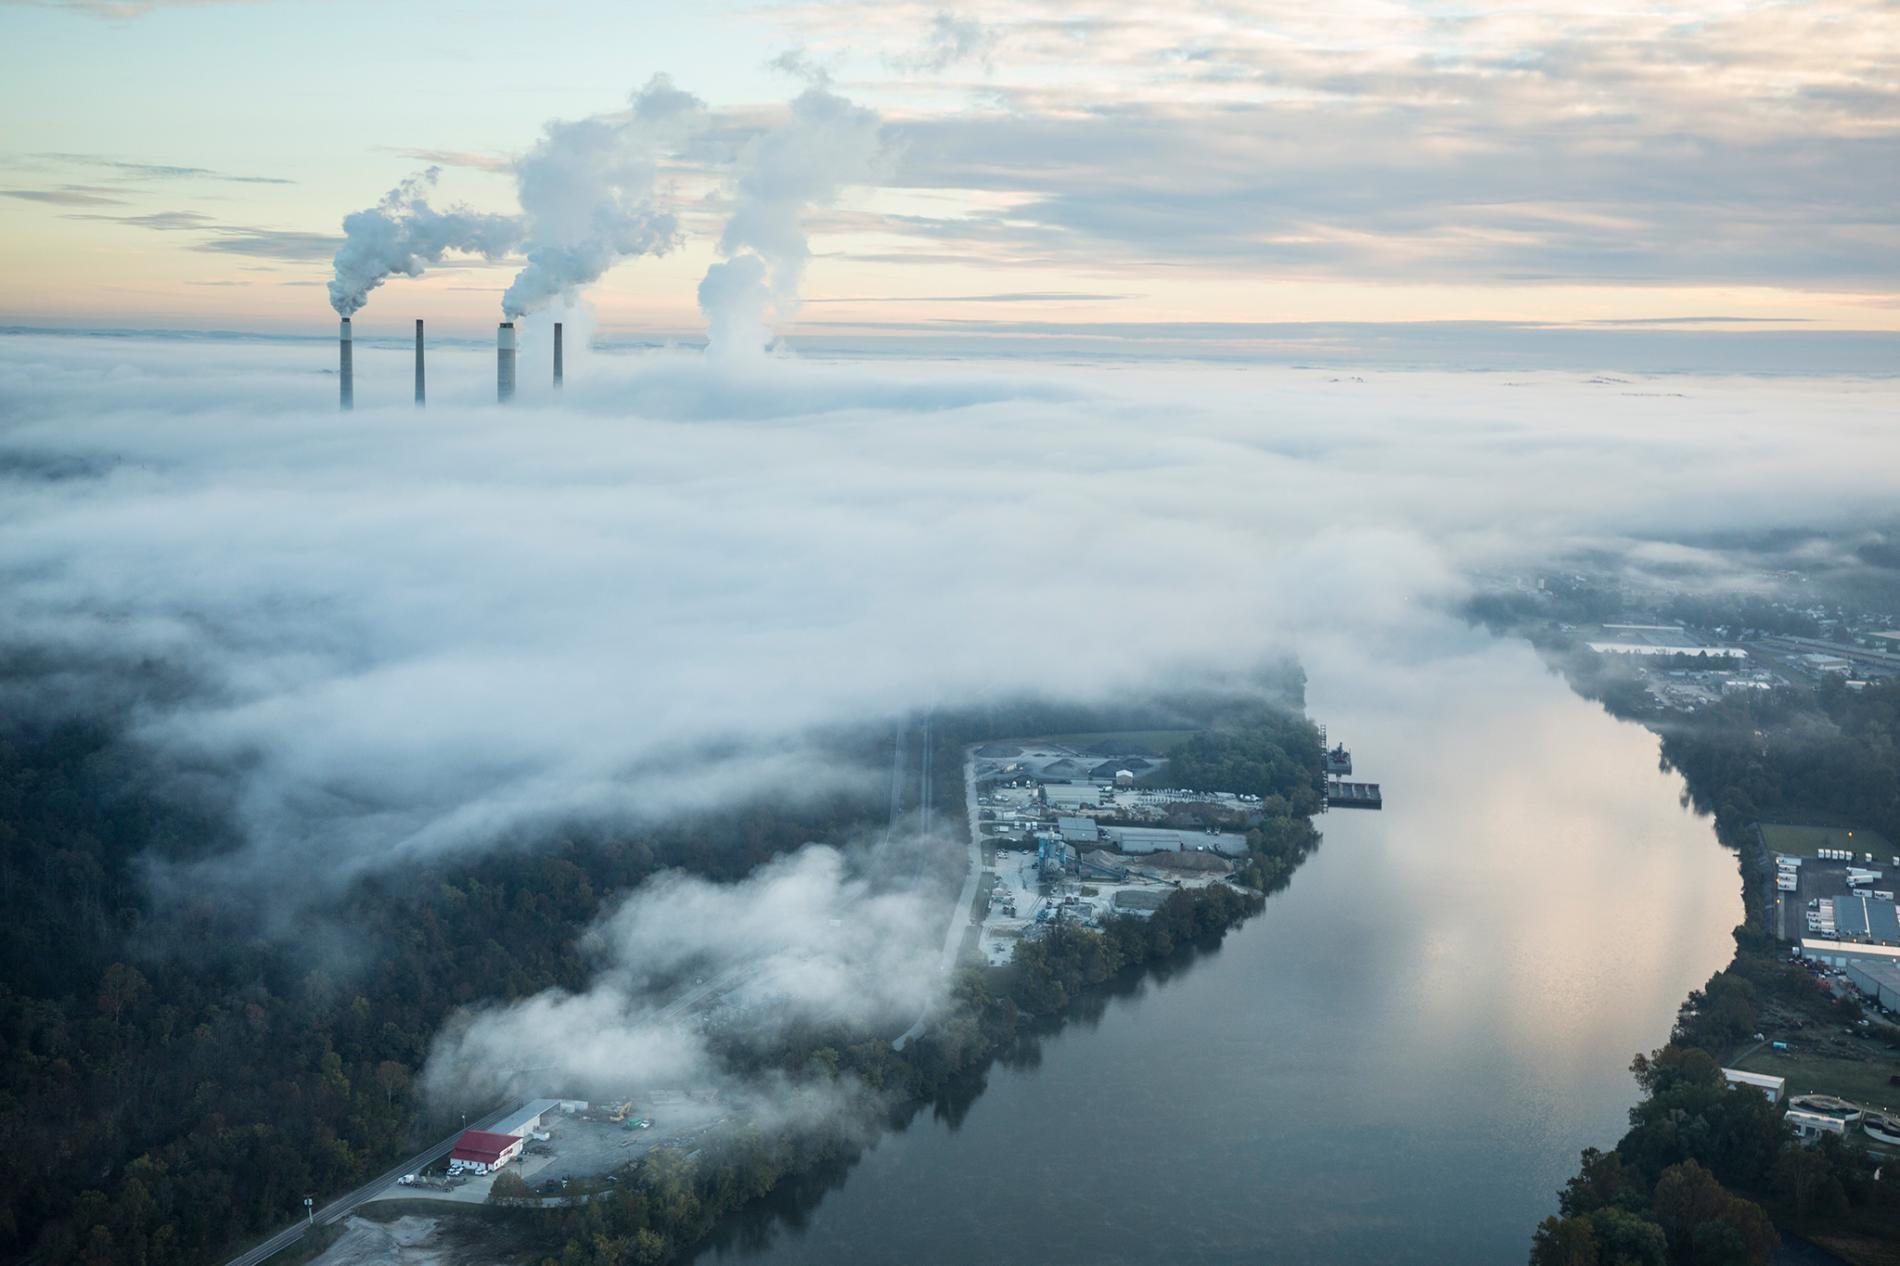 蒸氣和煙霧從電廠的冷卻塔和煙囪內升起。人工智慧現在被用來證明燃燒碳基燃料的電廠無利可圖。PHOTOGRAPH BY ROBB KENDRICK, NAT GEO IMAGE COLLECTION